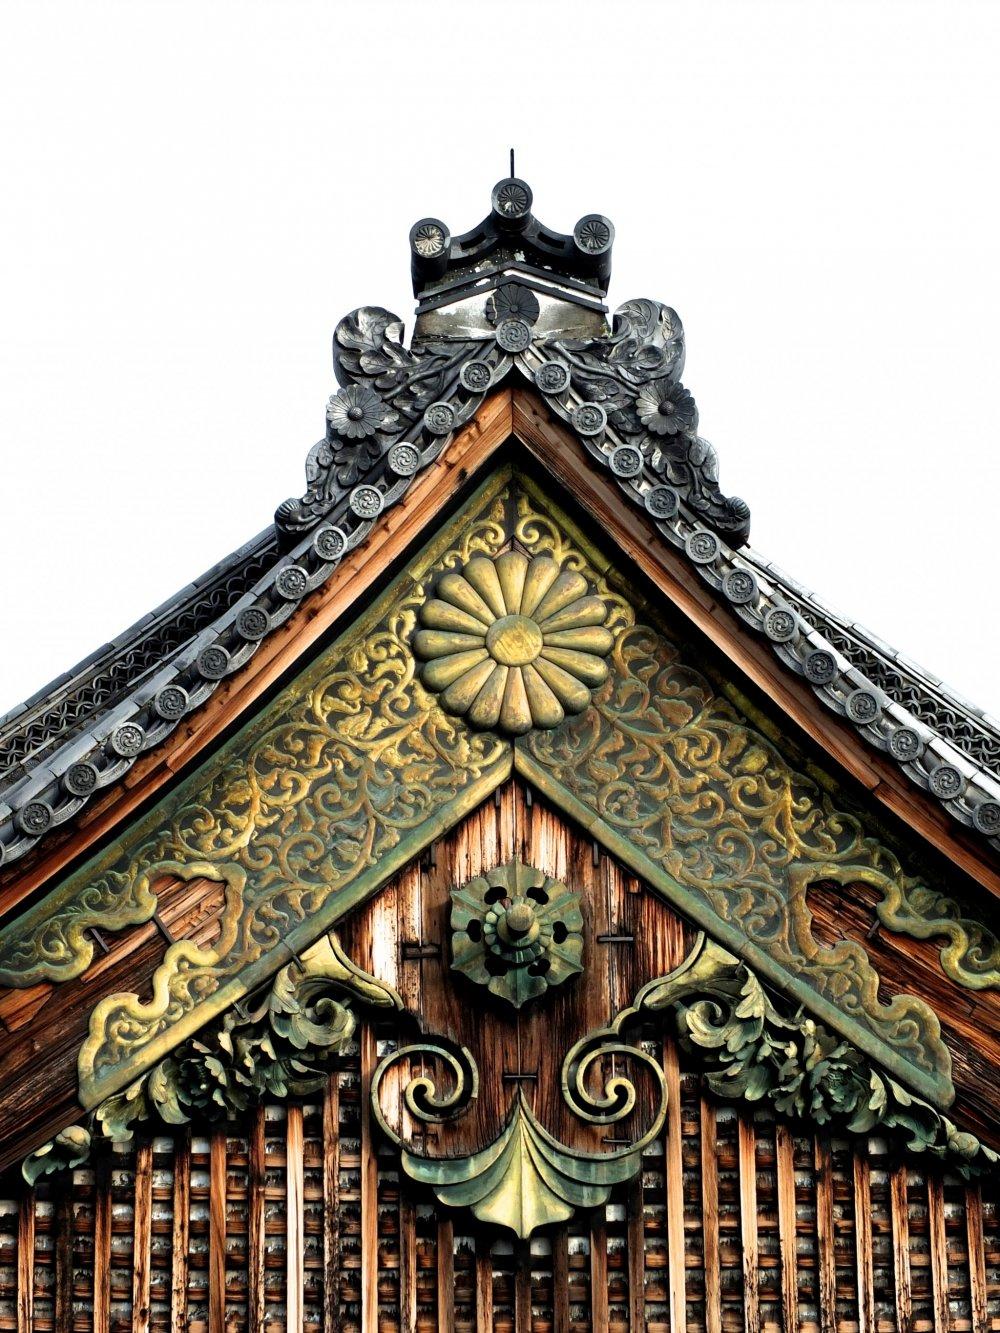 二の丸御殿の壮麗なアーチ